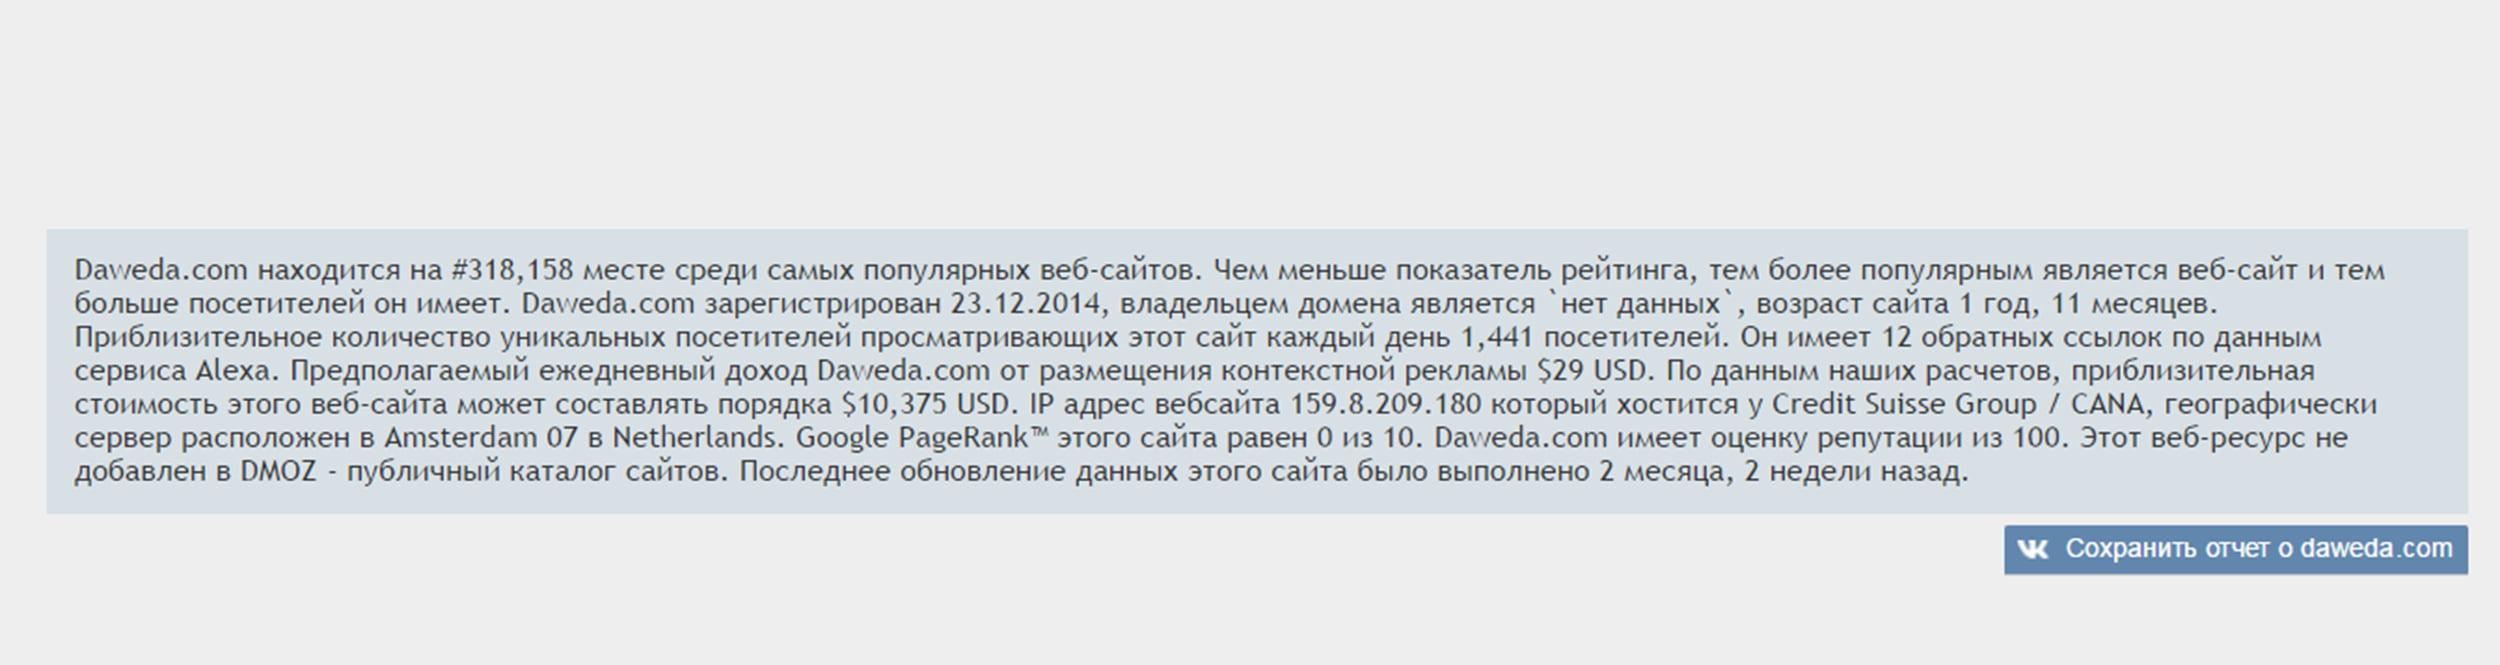 Отчет проверки сайта Daweda exchange на rankw.ru